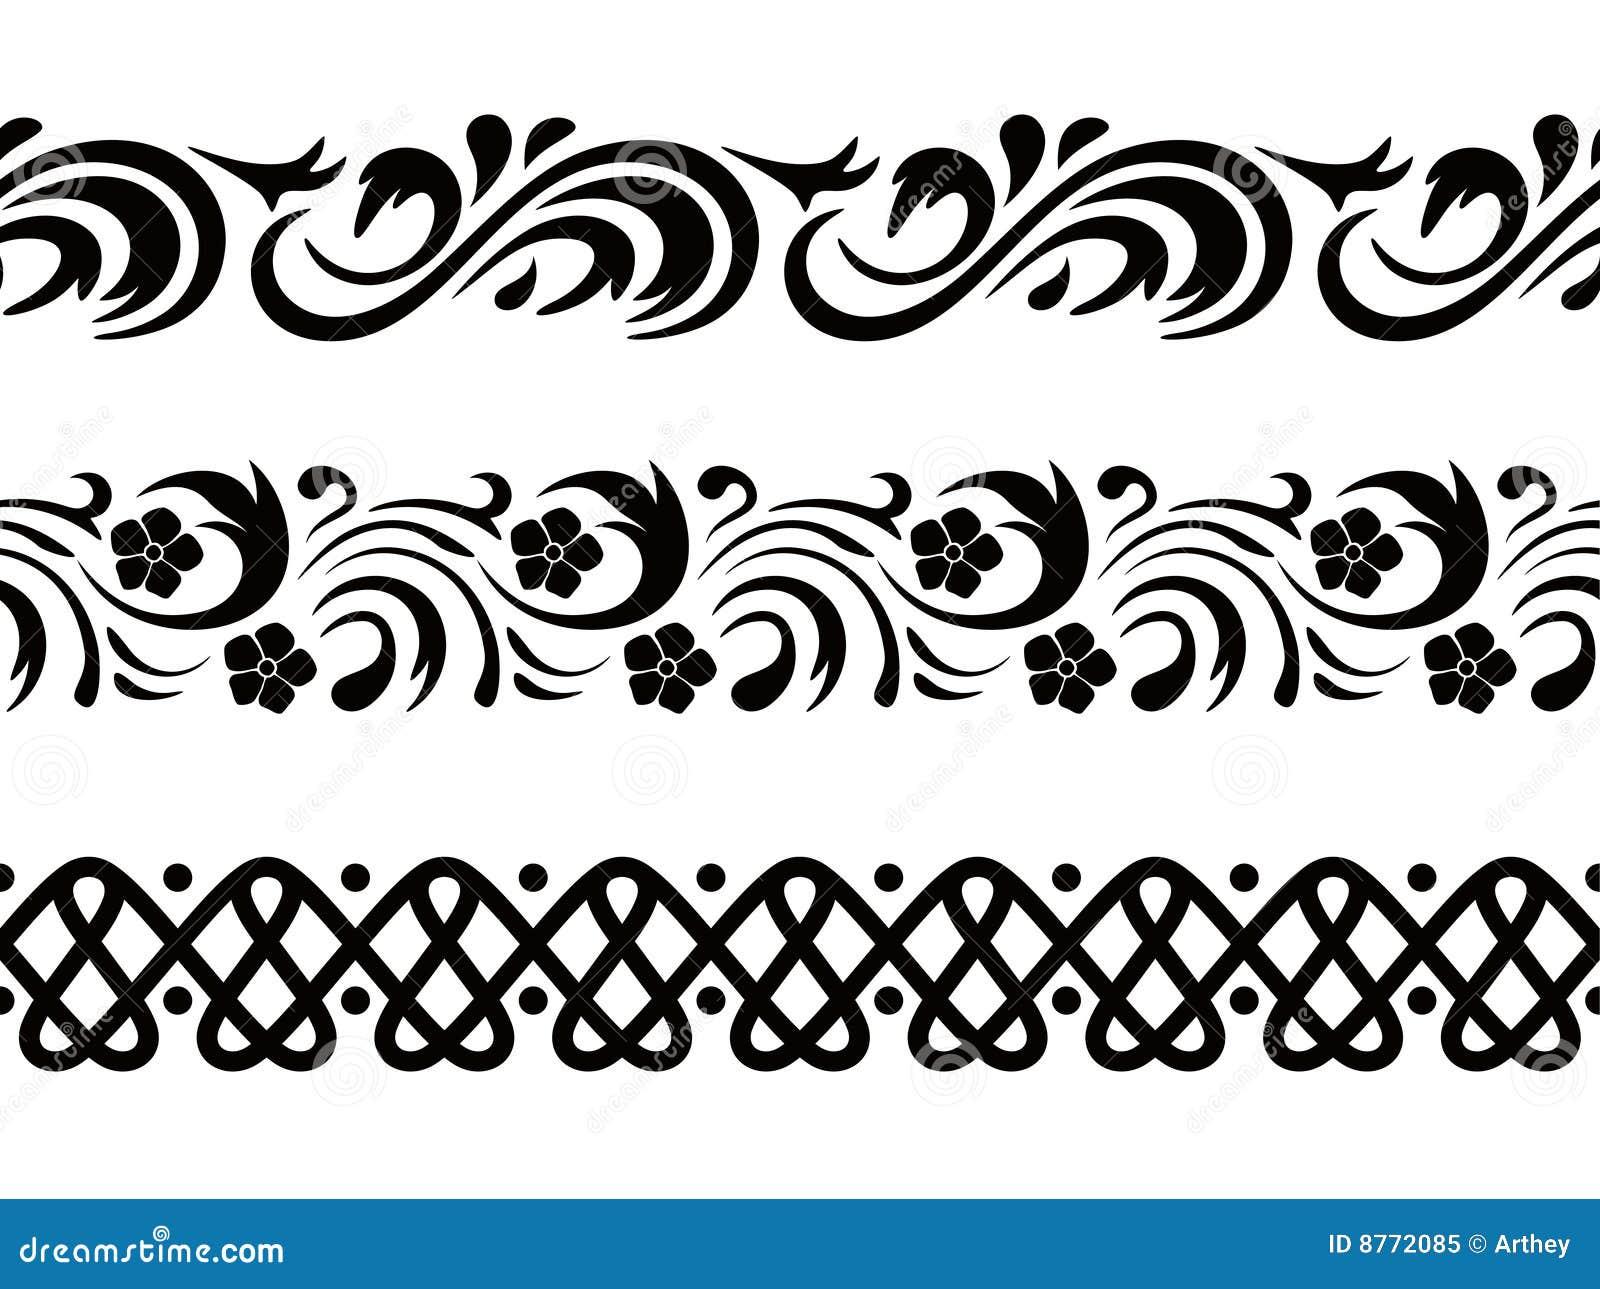 zebra print wallpaper border black and white